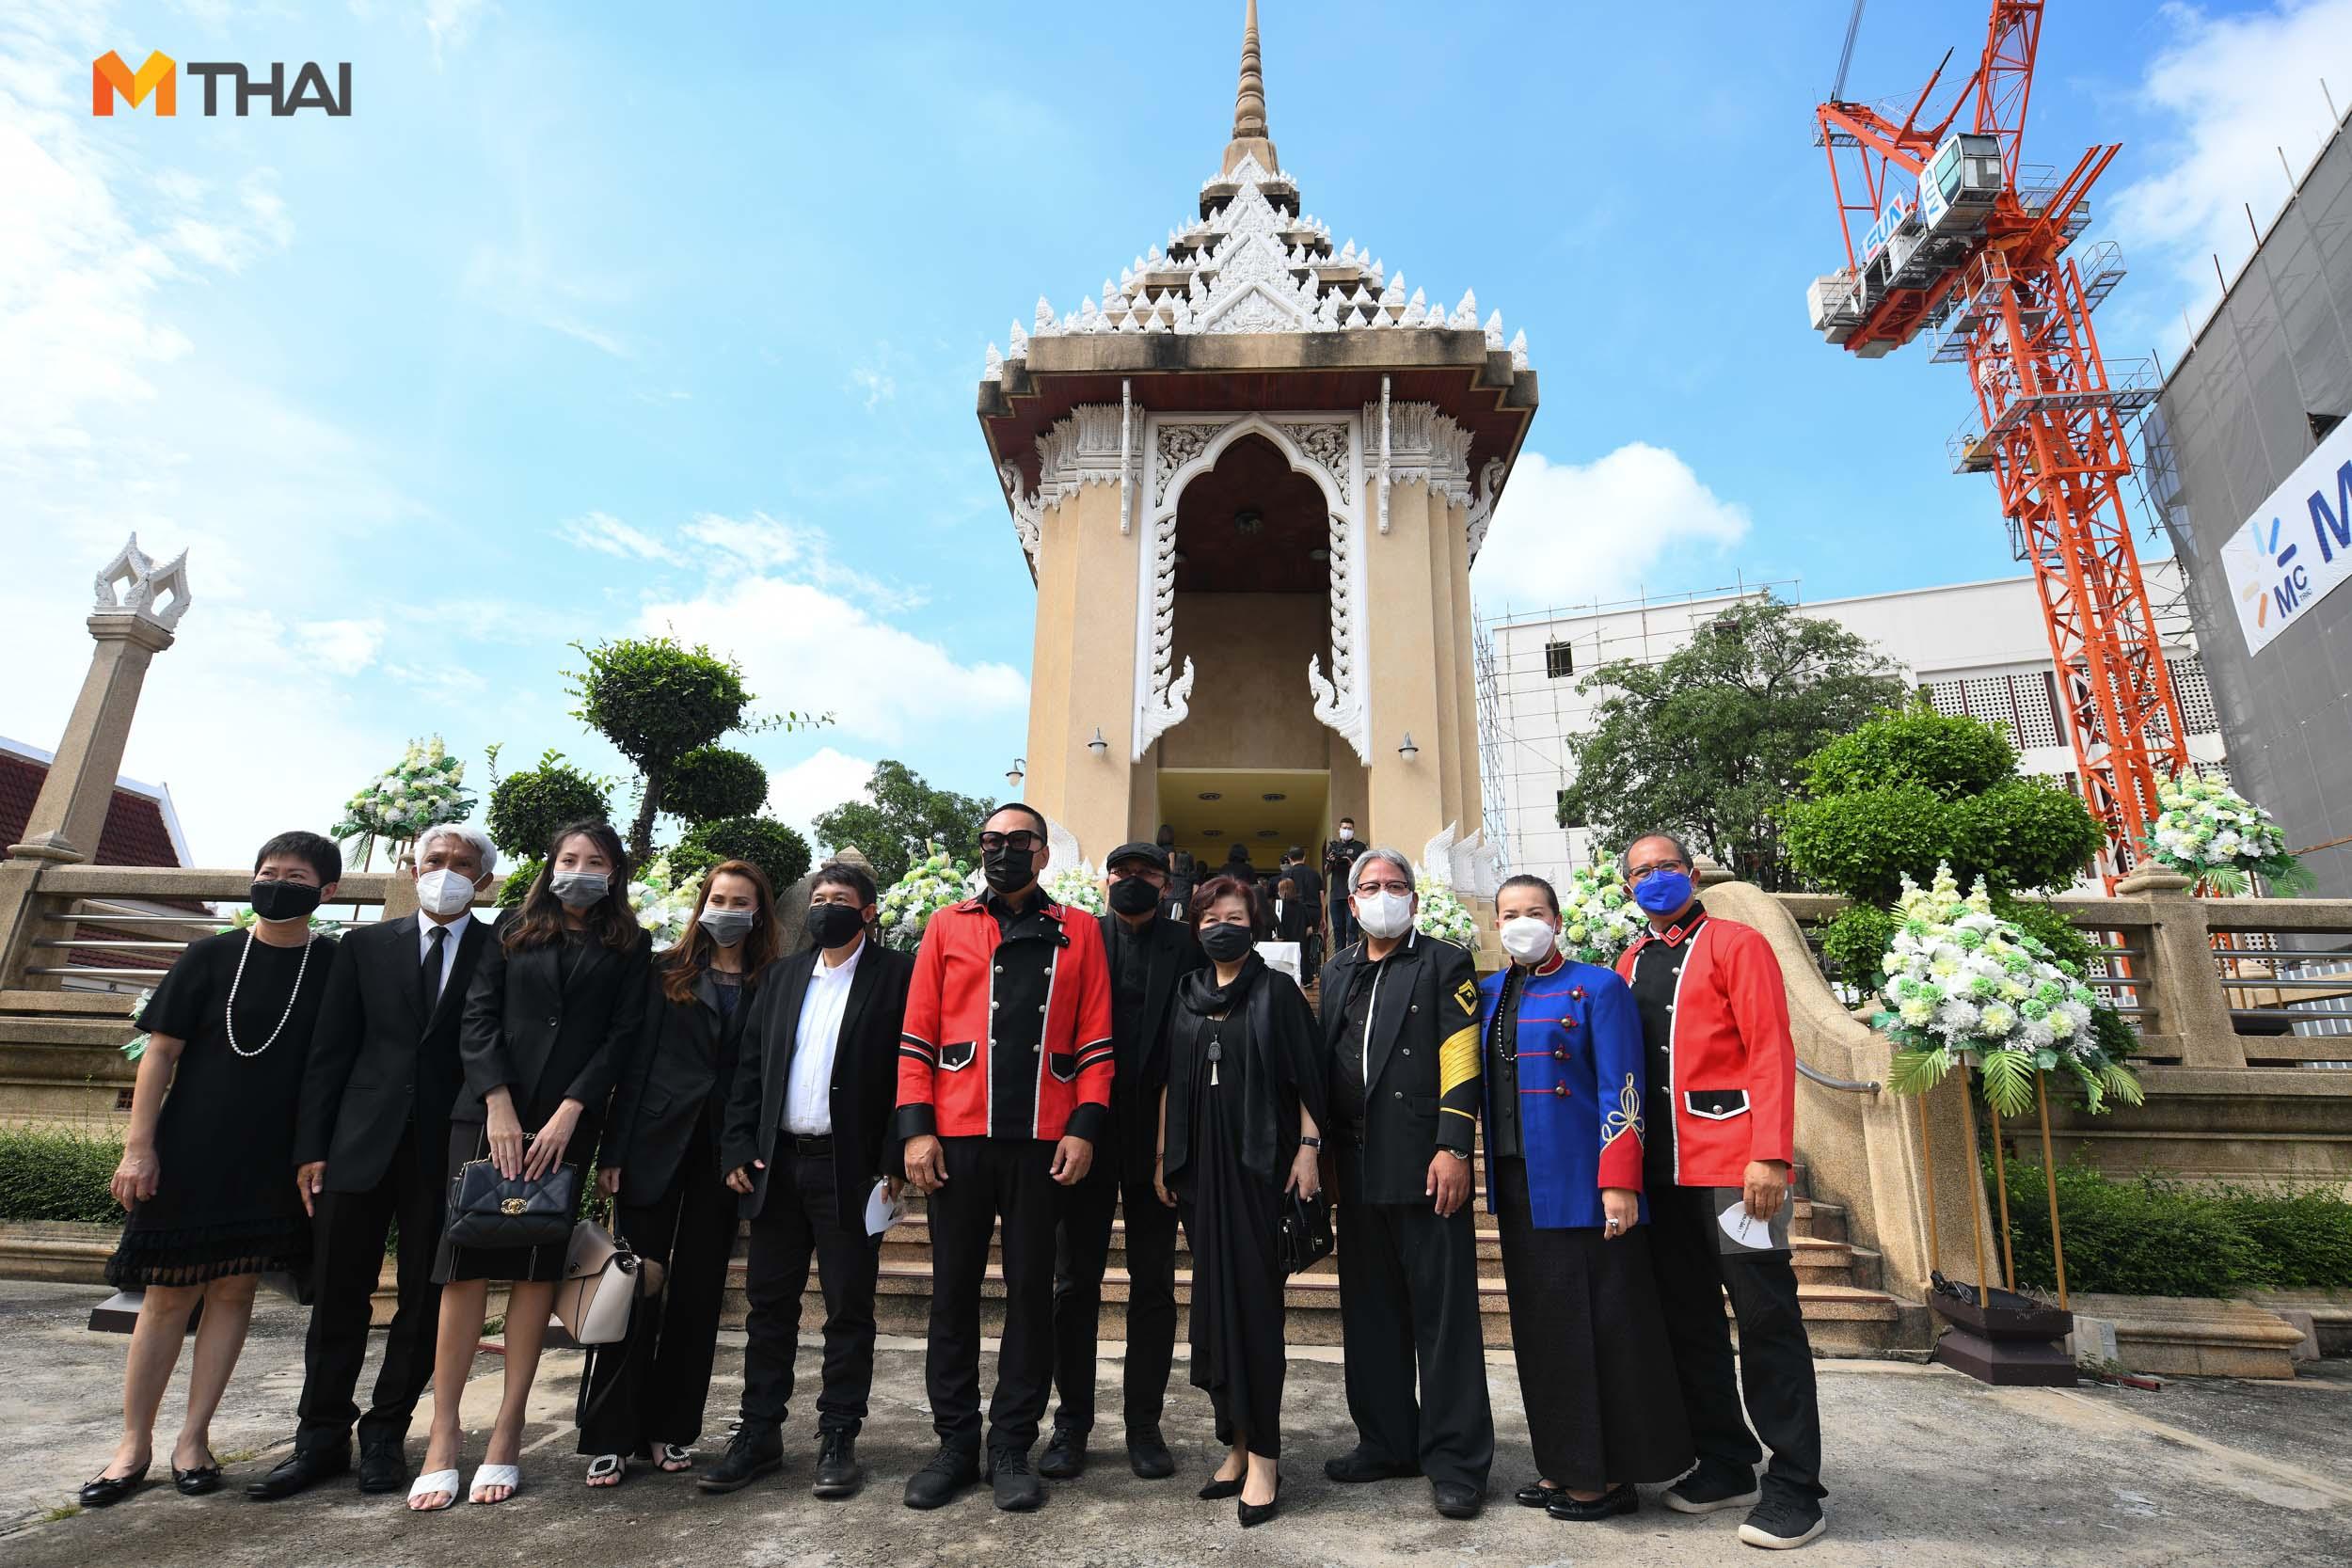 ยุทธการขยับเหงือก สมชาย เปรมประชาพงษ์ เสนาโค้ก